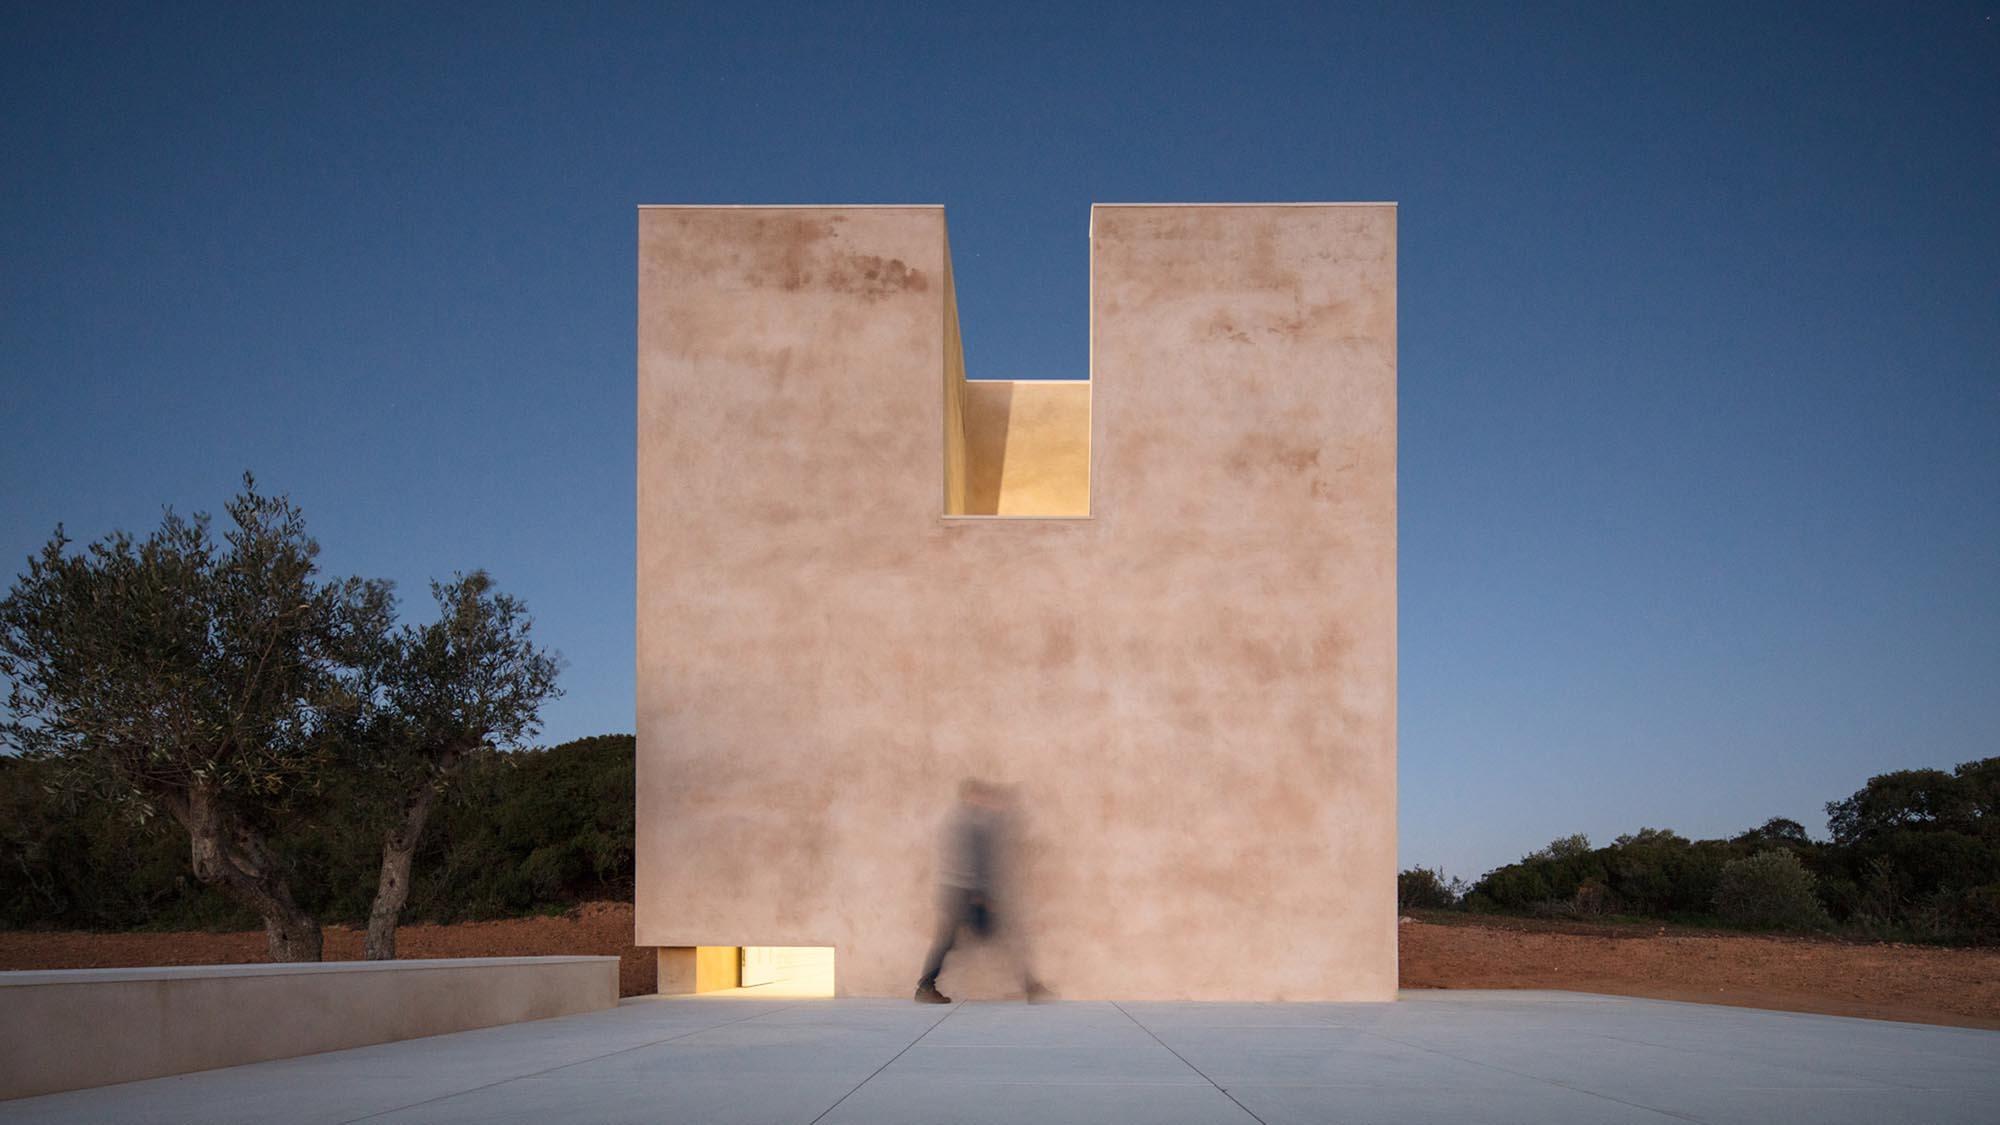 alvaro-siza-viera-capela-do-monte-chapel-algarve-dezeen-2364-hero-2